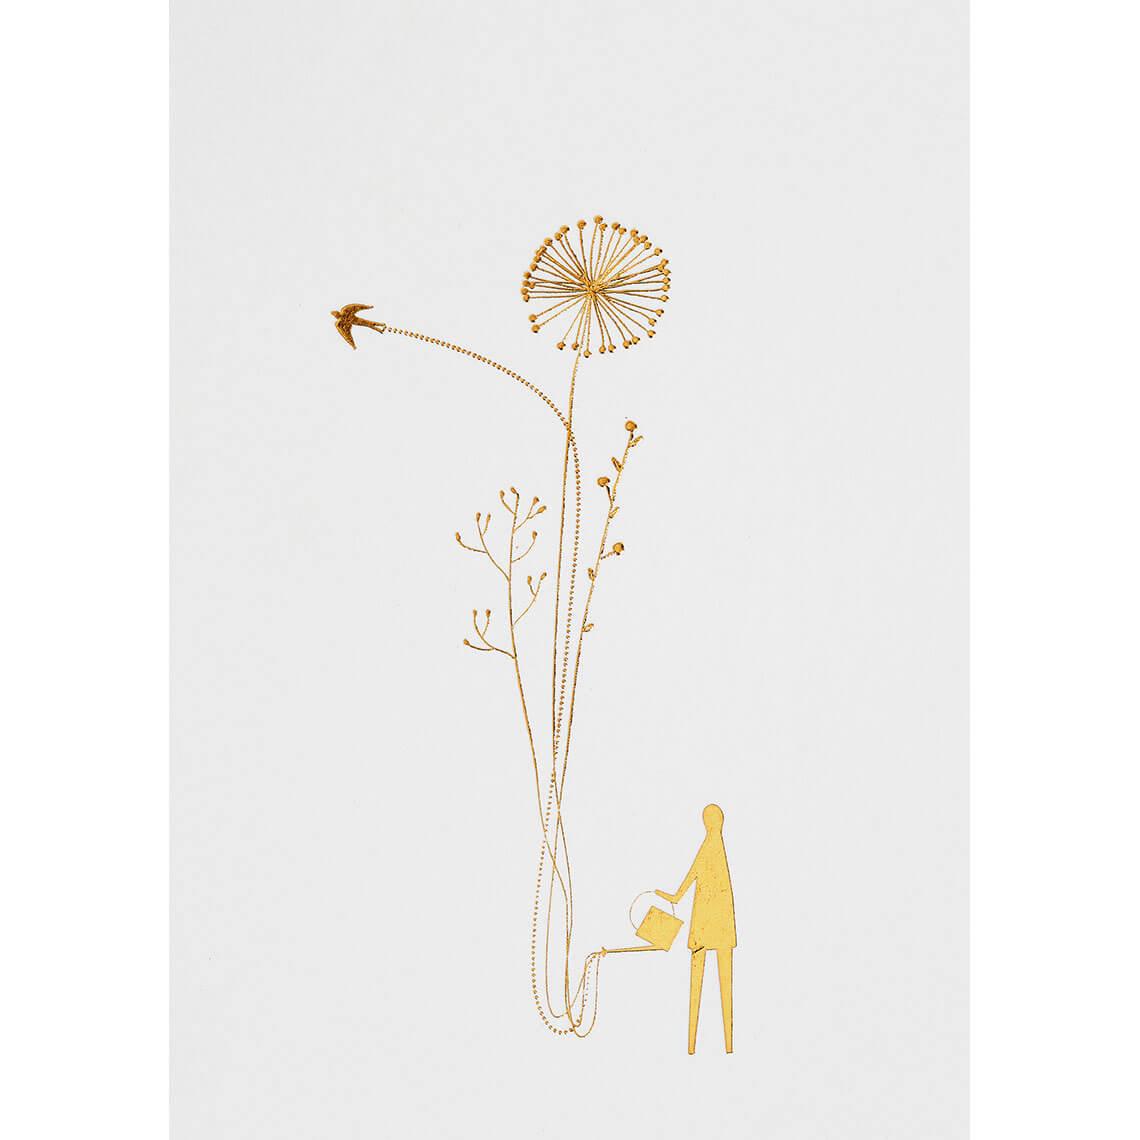 carte-simple-doree-arroser-les-fleurs-rader